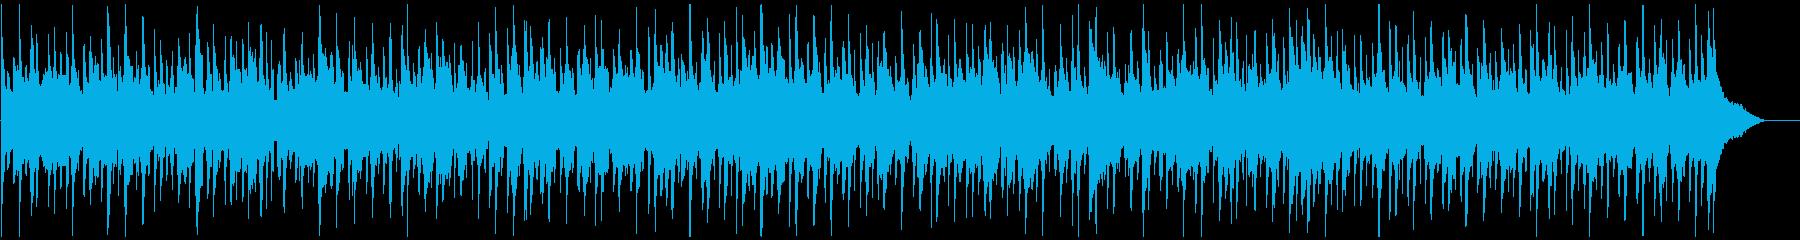 ヨーロッパの街角音楽、ワルツの再生済みの波形